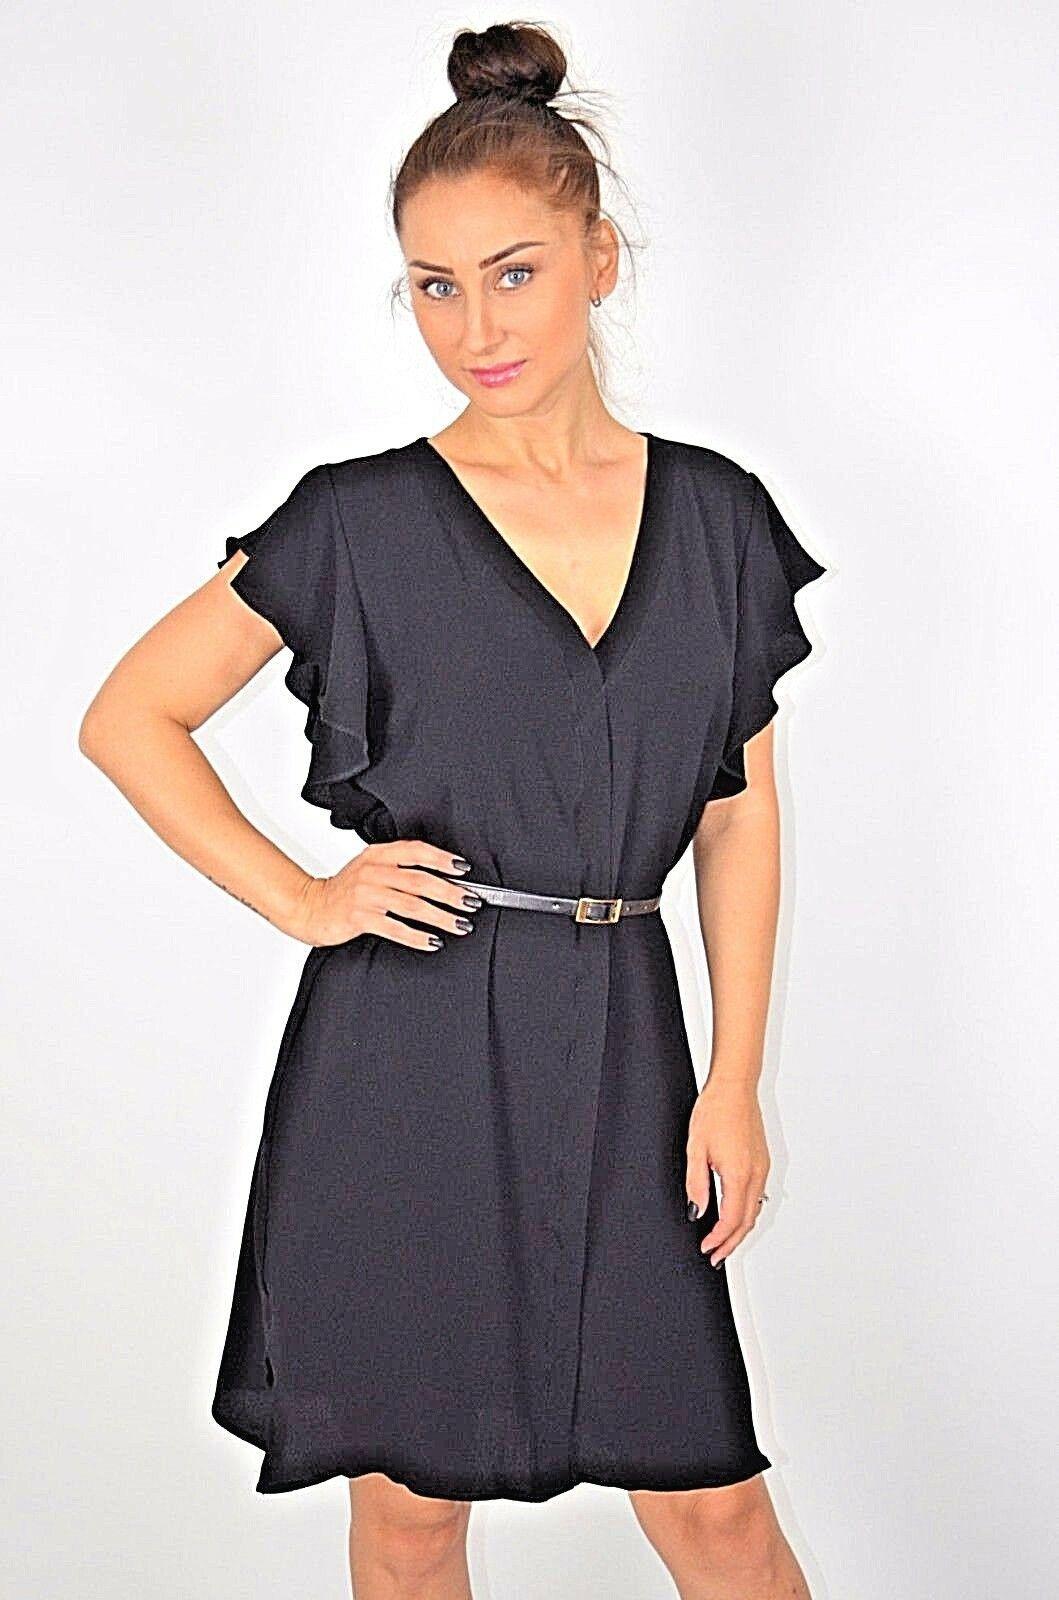 Designer Spektakulär Yessica Abendkleid für 201913 Fantastisch Yessica Abendkleid Vertrieb